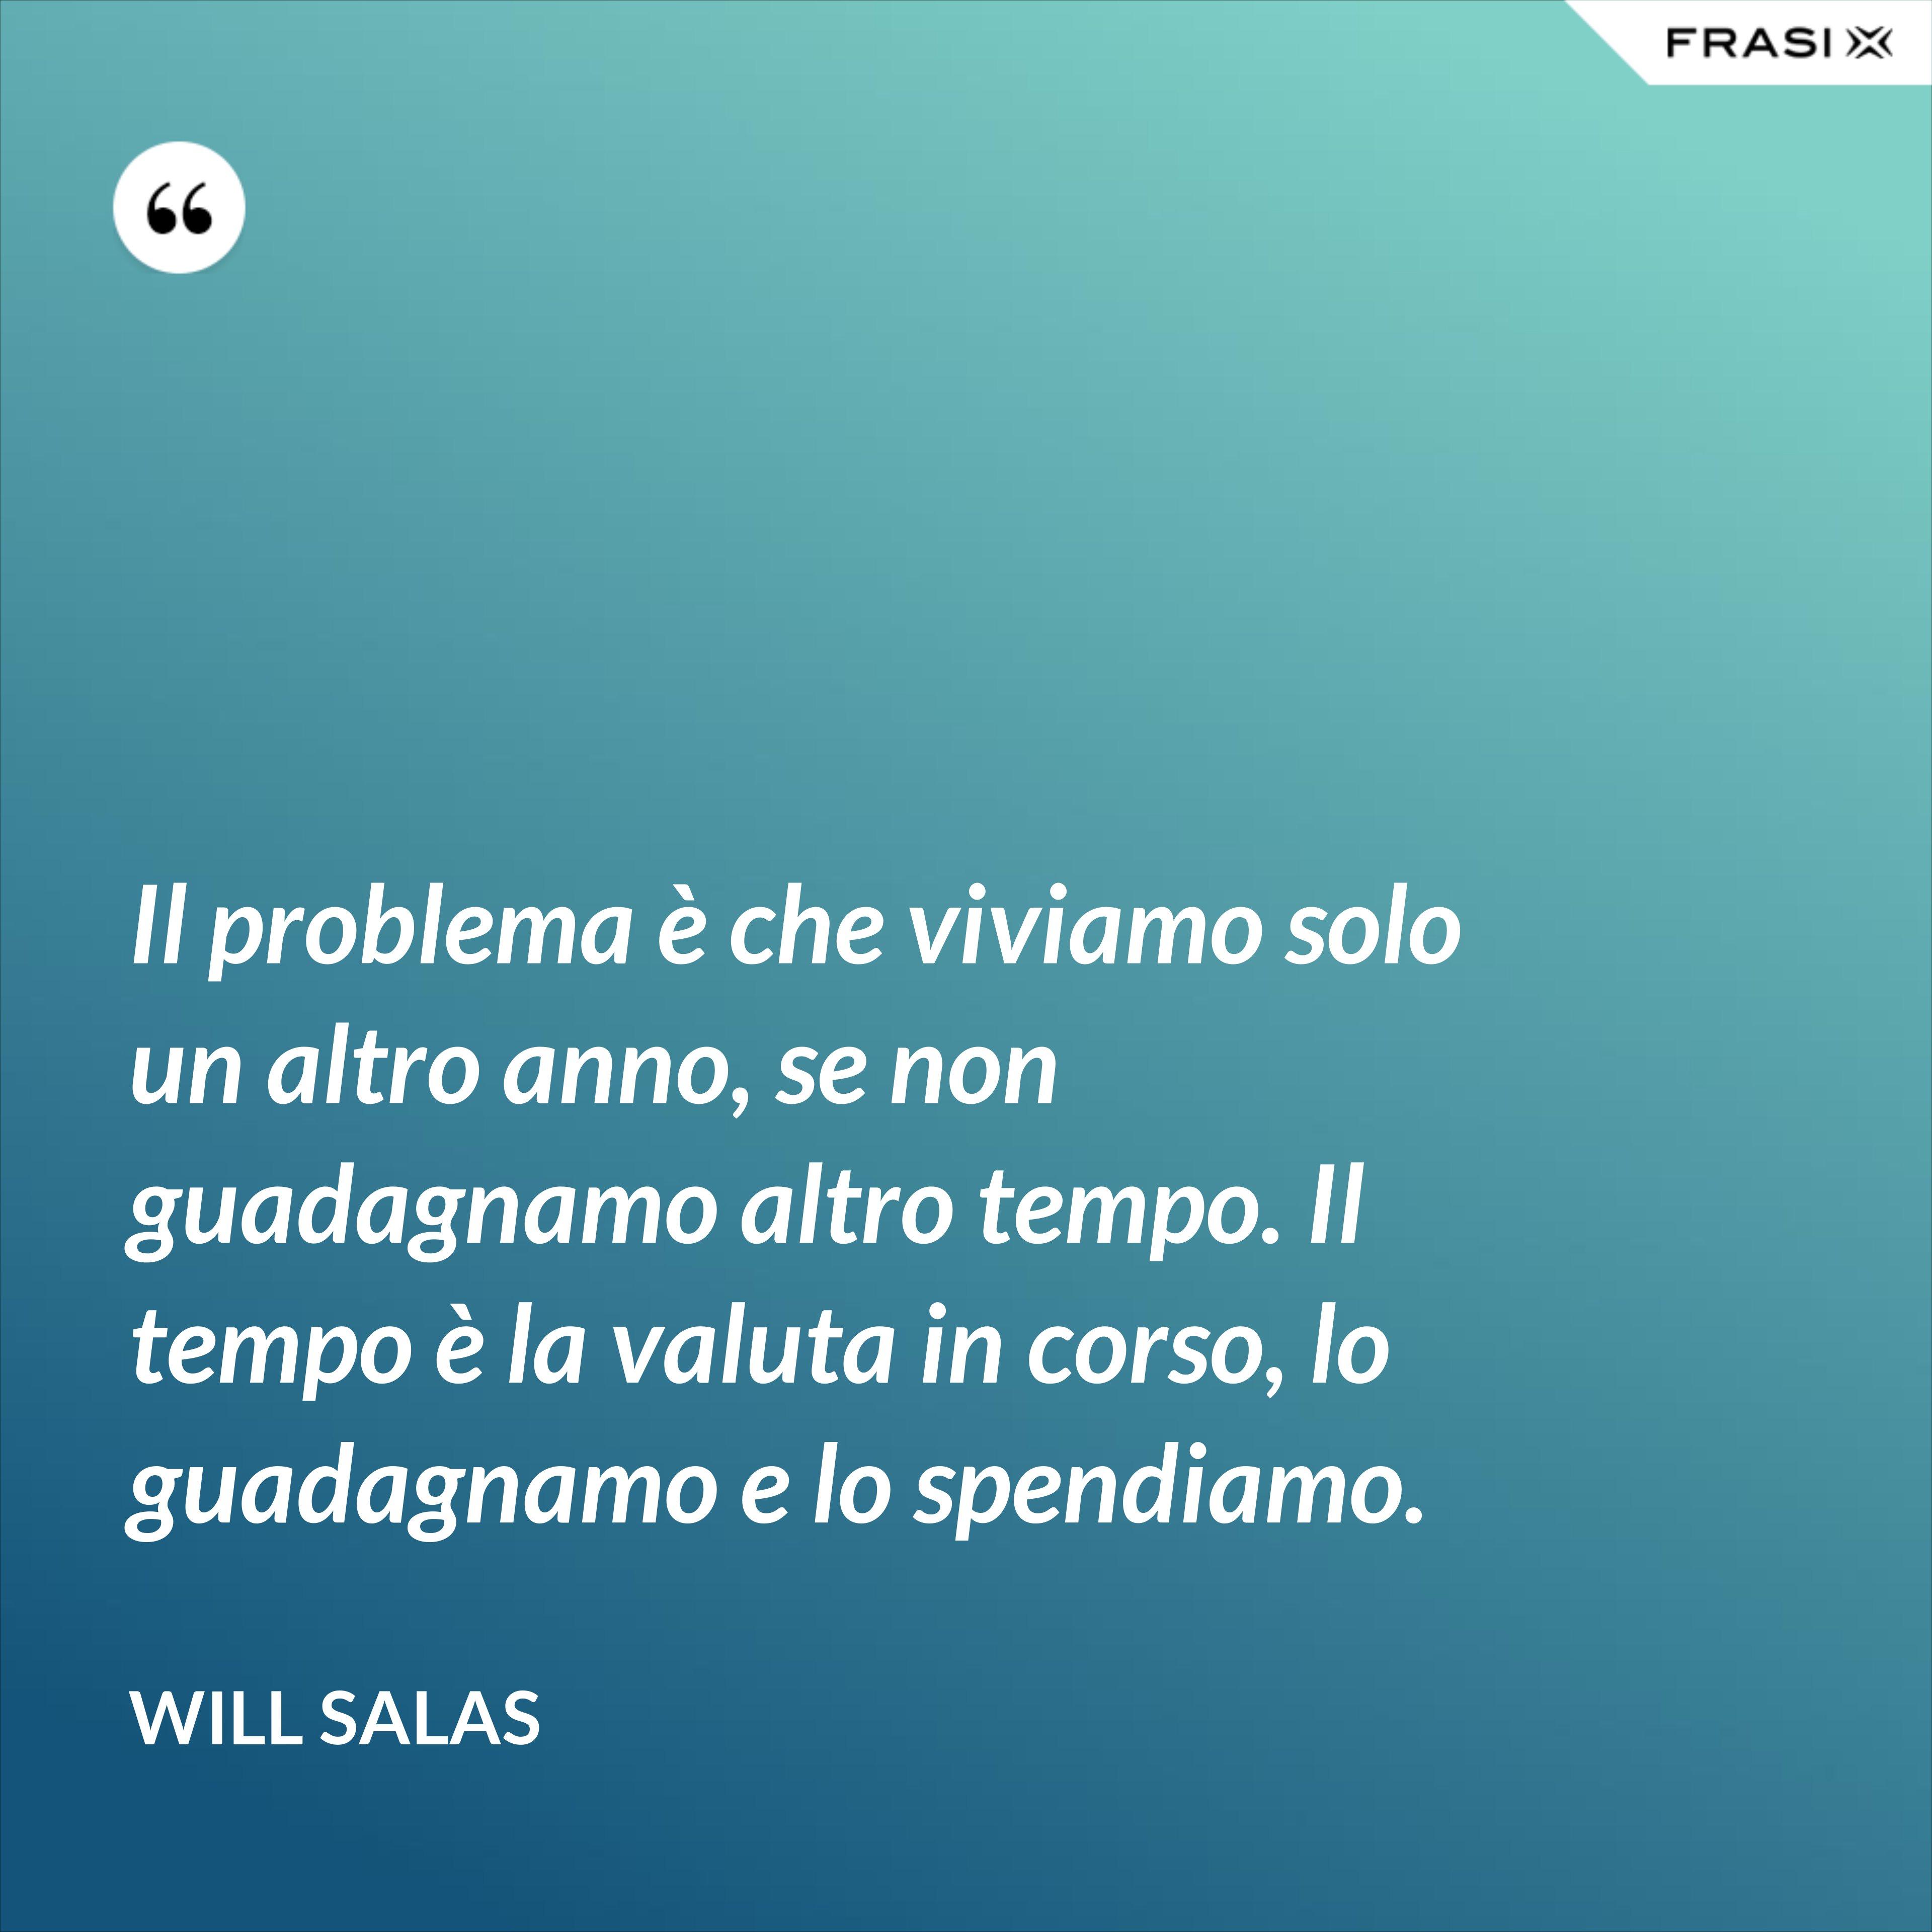 Il problema è che viviamo solo un altro anno, se non guadagnamo altro tempo. Il tempo è la valuta in corso, lo guadagnamo e lo spendiamo. - Will Salas